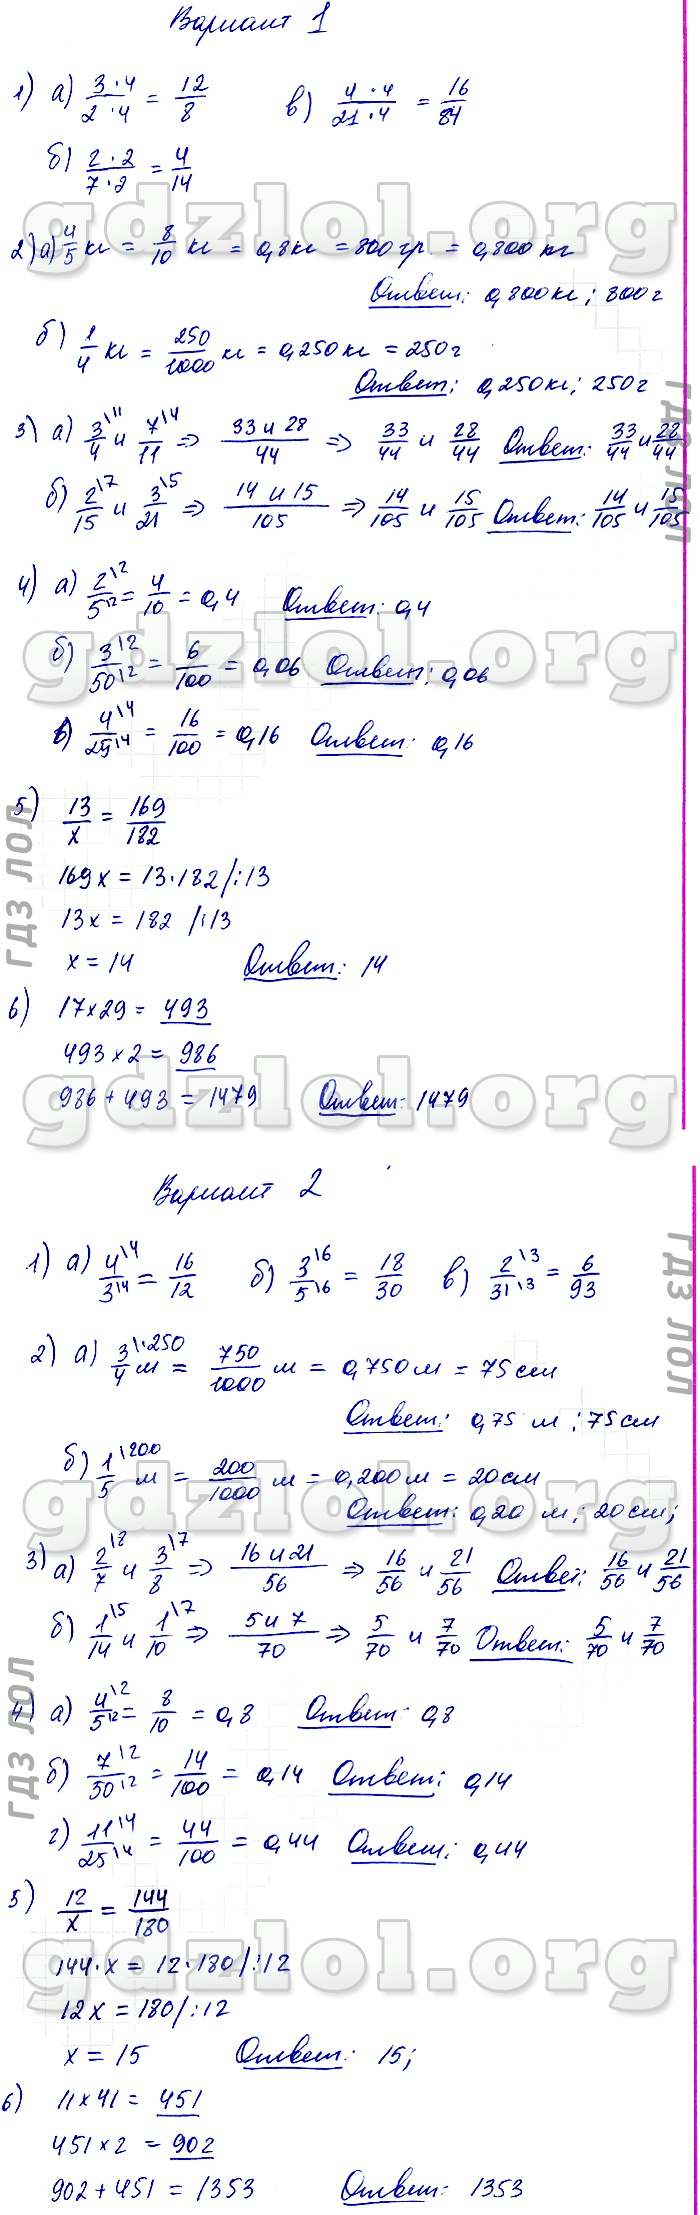 решебник по математике 2018 6 класс м.а.попов дидактическиематериал